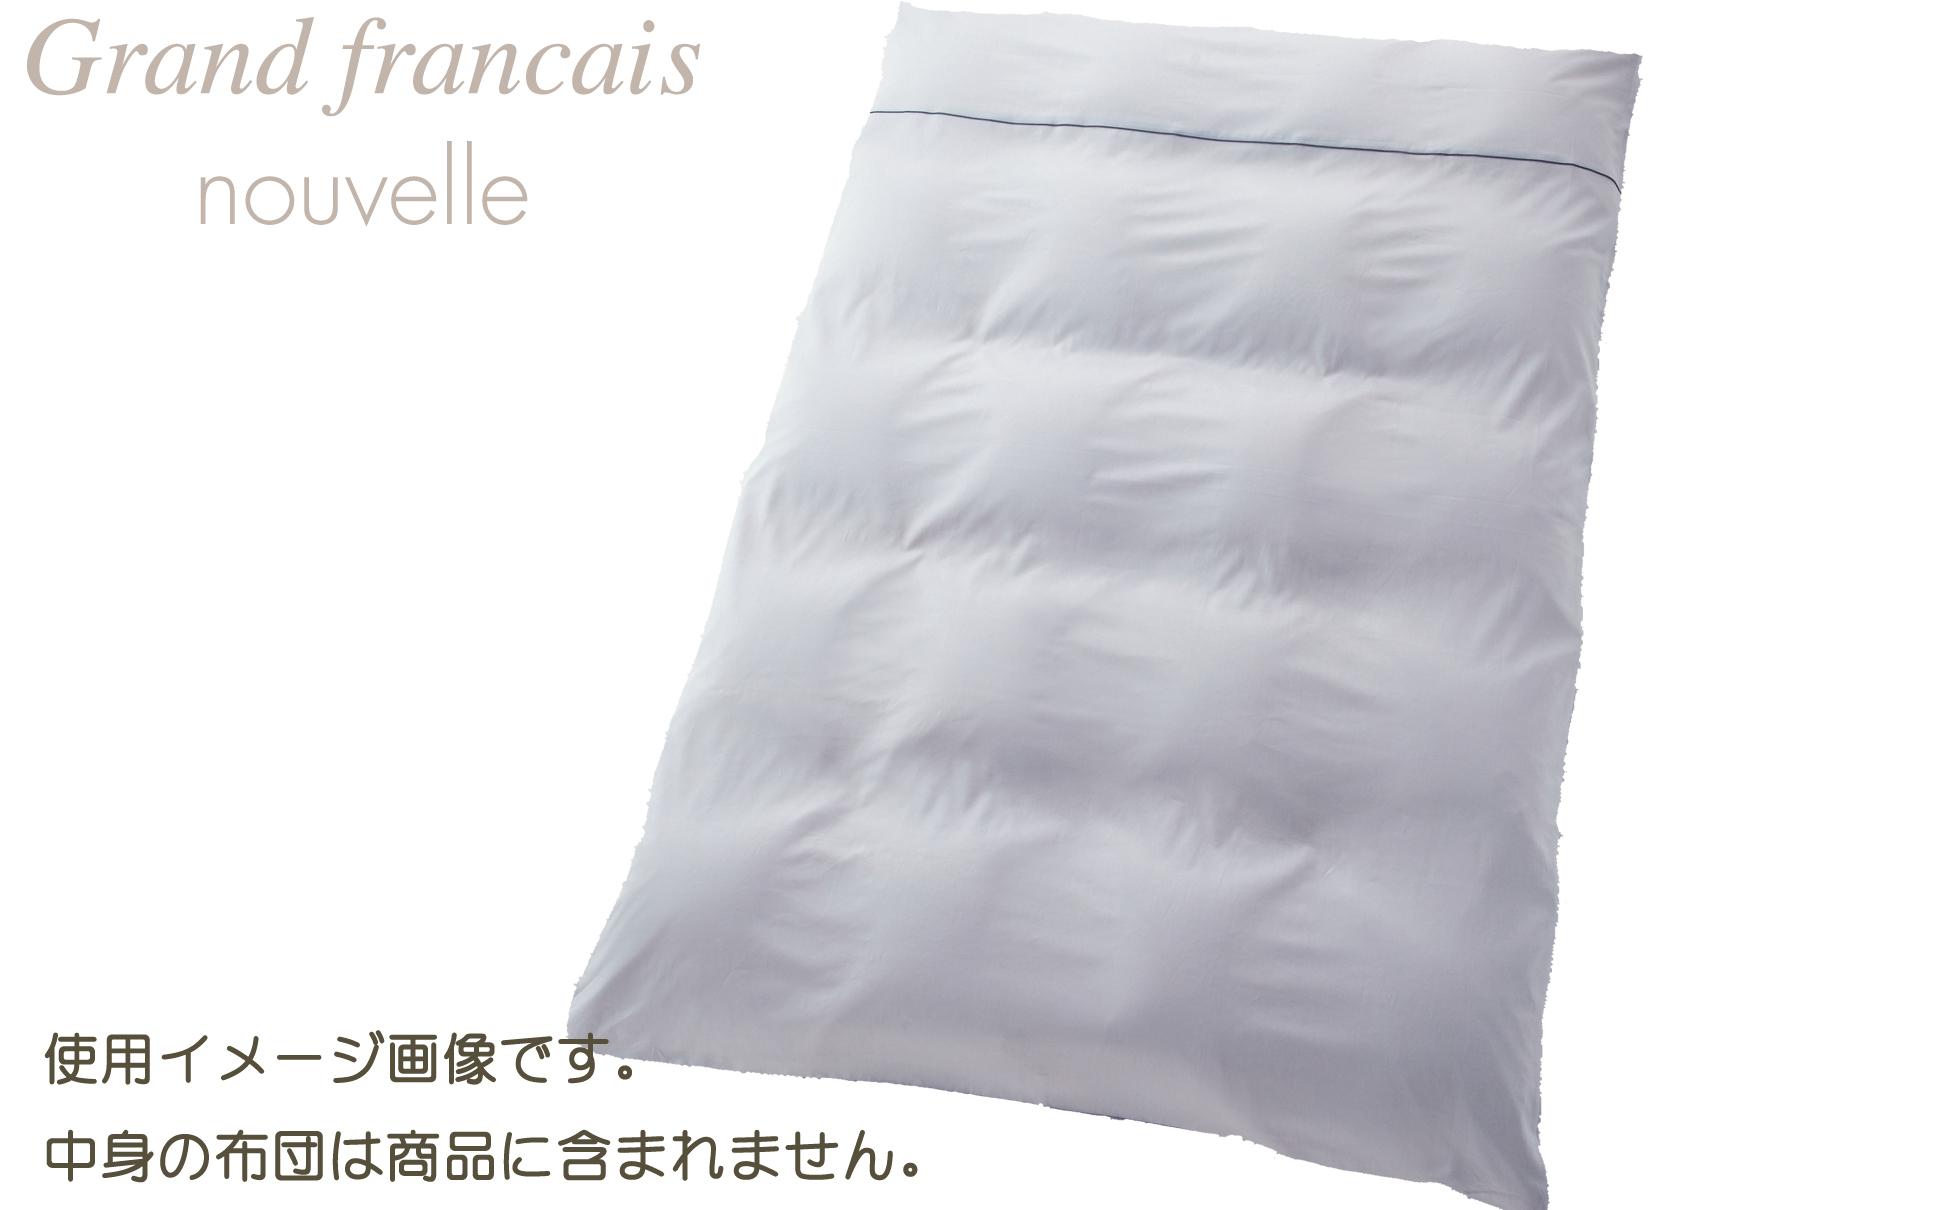 【シングルサイズ】日本製 羽毛布団を引き立てる やわらか超長綿掛け布団カバー カラー:シルバースカイ